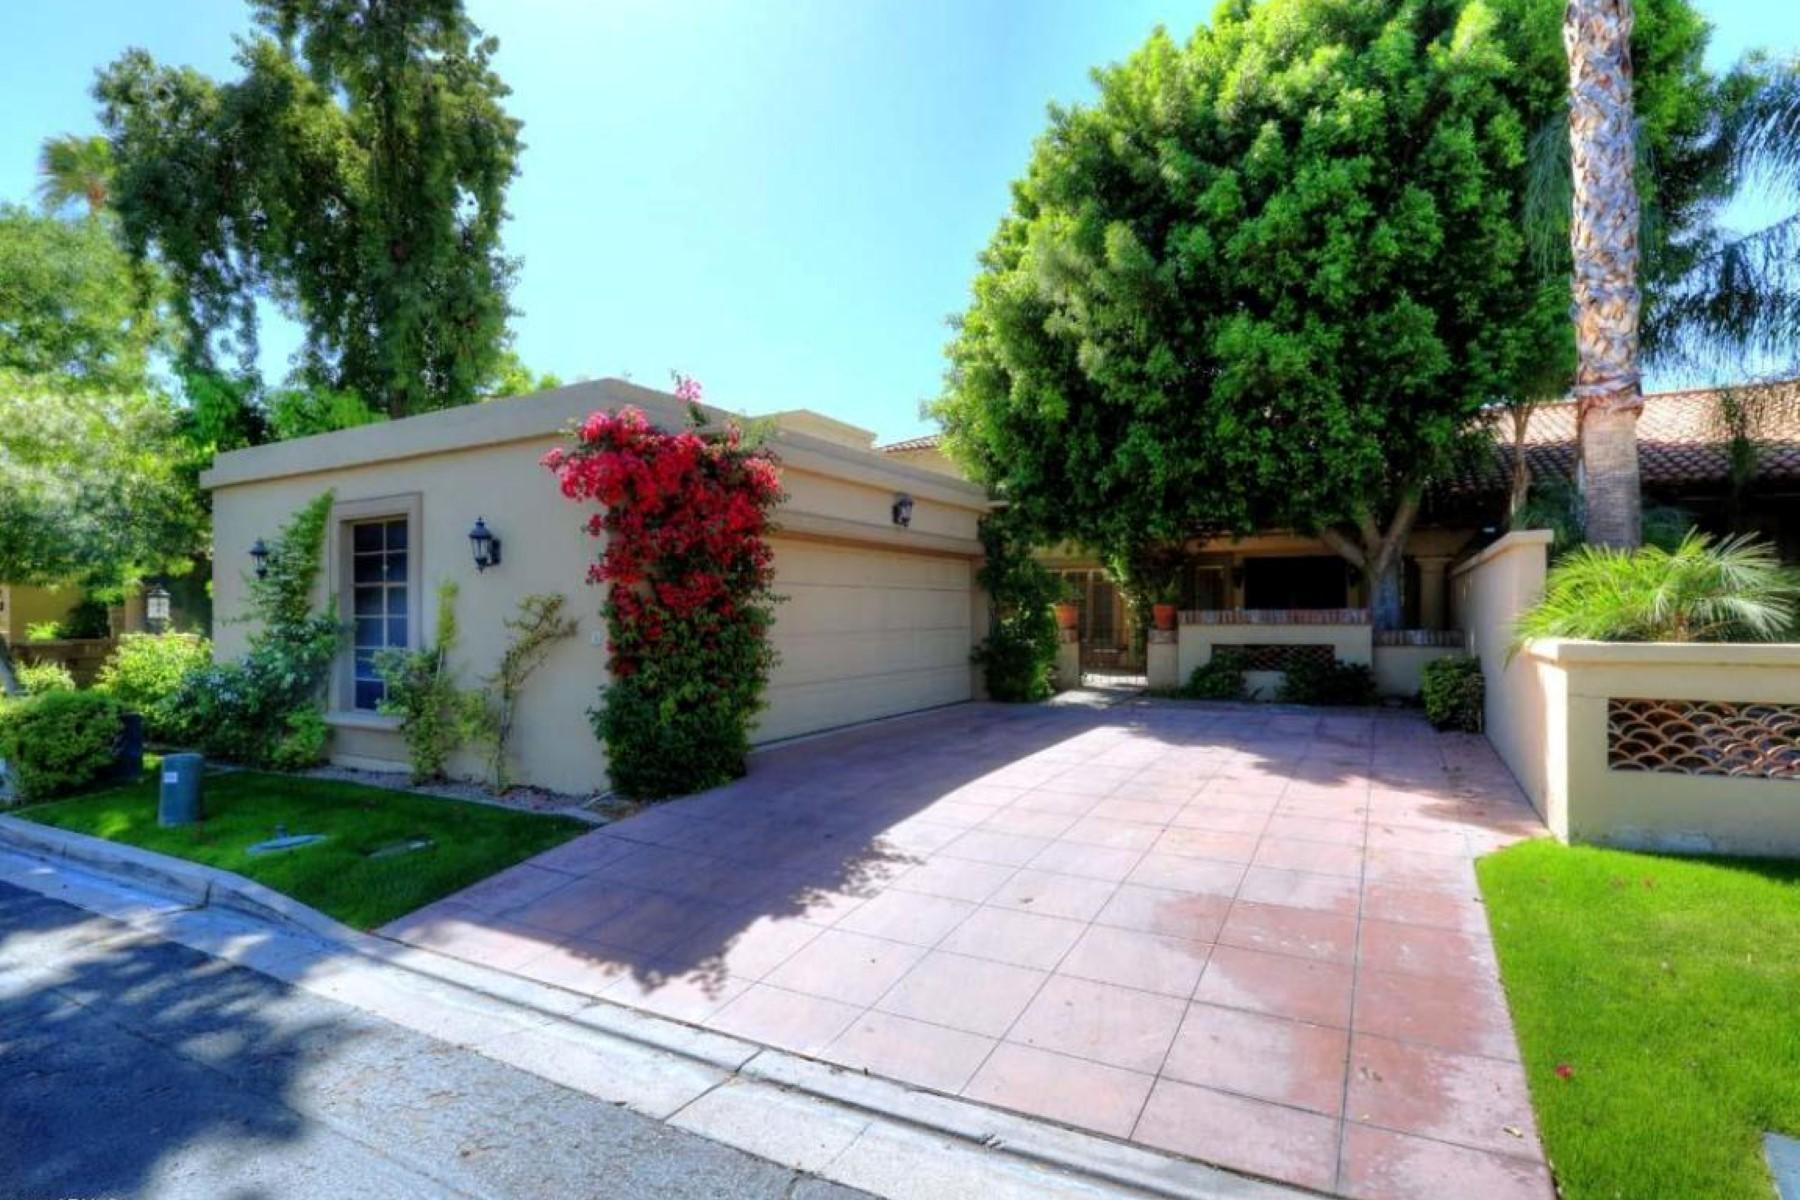 多棟聯建住宅 為 出售 在 Townhome in fabulous Cuernavaca 6701 N SCOTTSDALE RD 3 Scottsdale, 亞利桑那州, 85250 美國